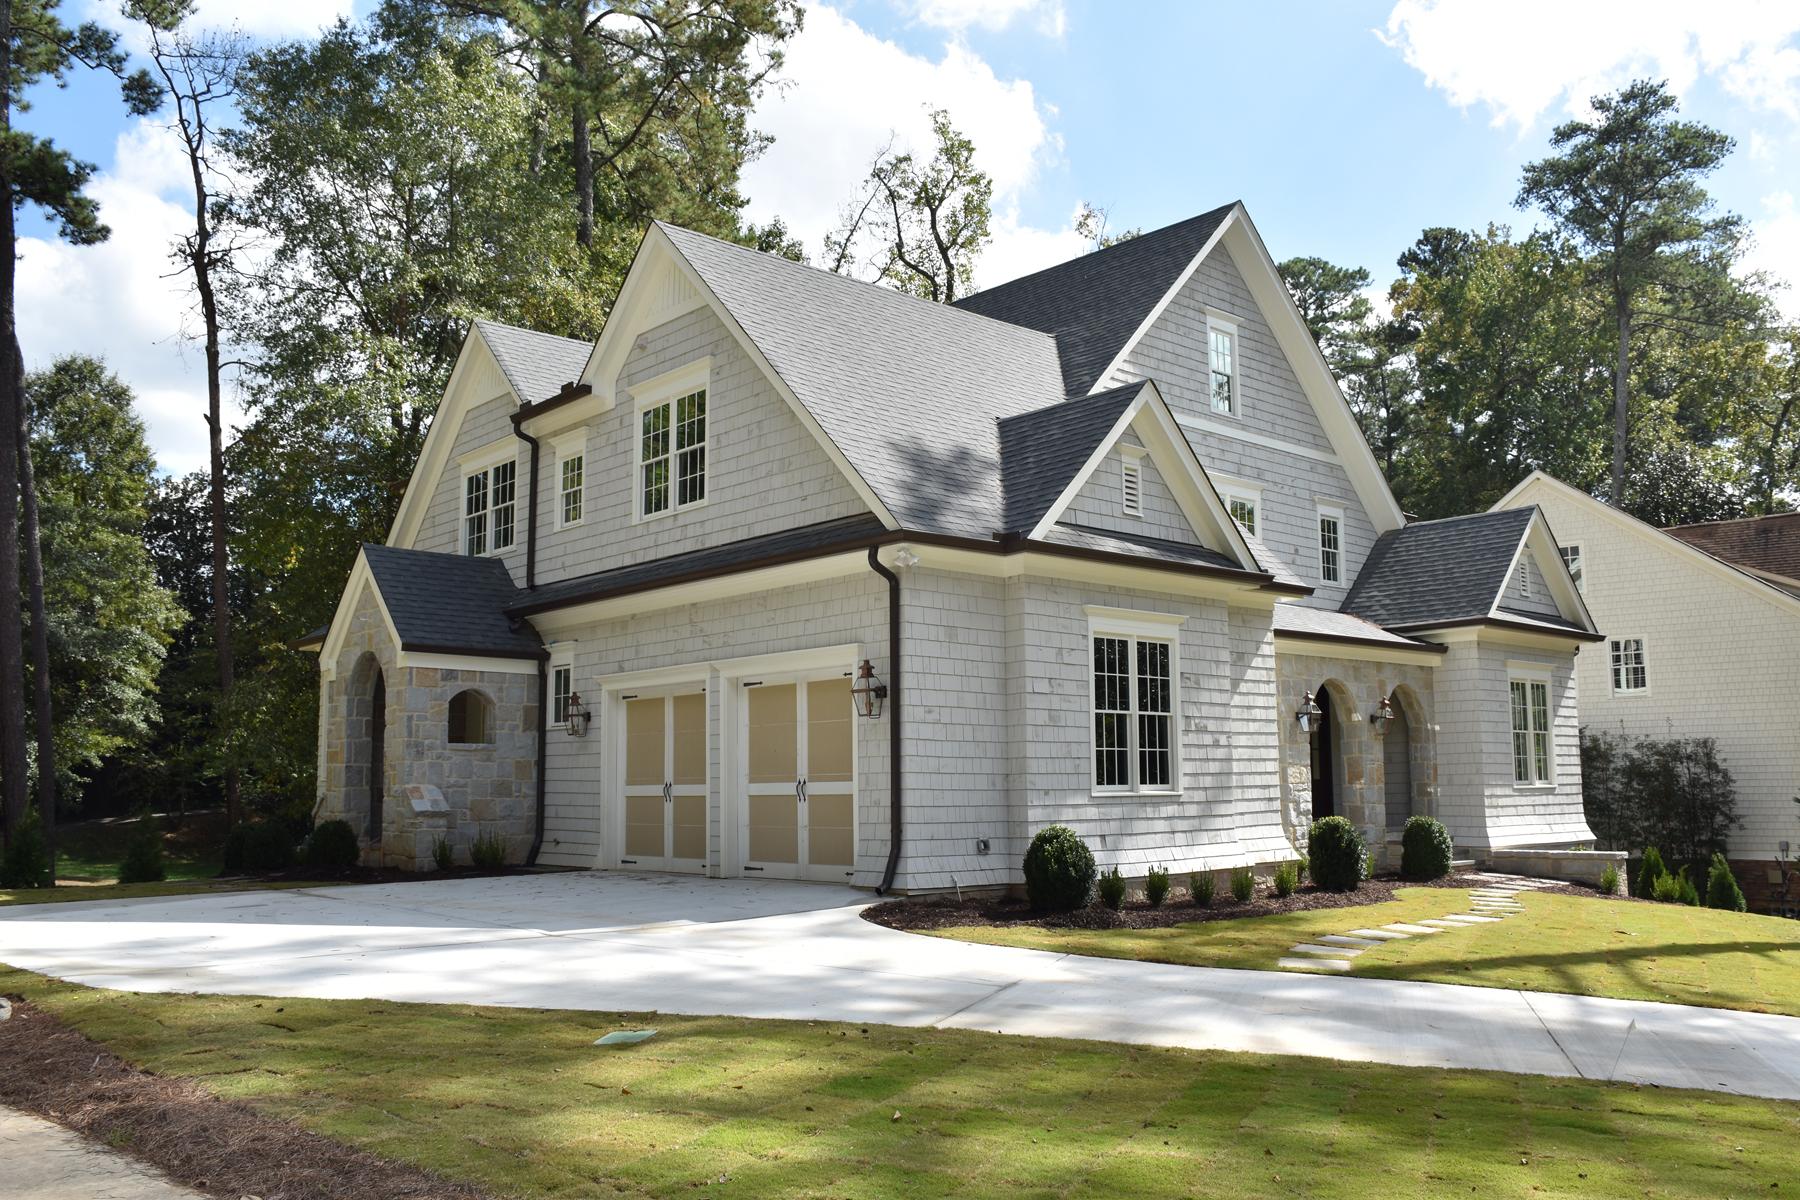 Maison unifamiliale pour l Vente à New Classic On Peachtree Battle 650 Peachtree Battle Avenue Buckhead, Atlanta, Georgia, 30327 États-Unis